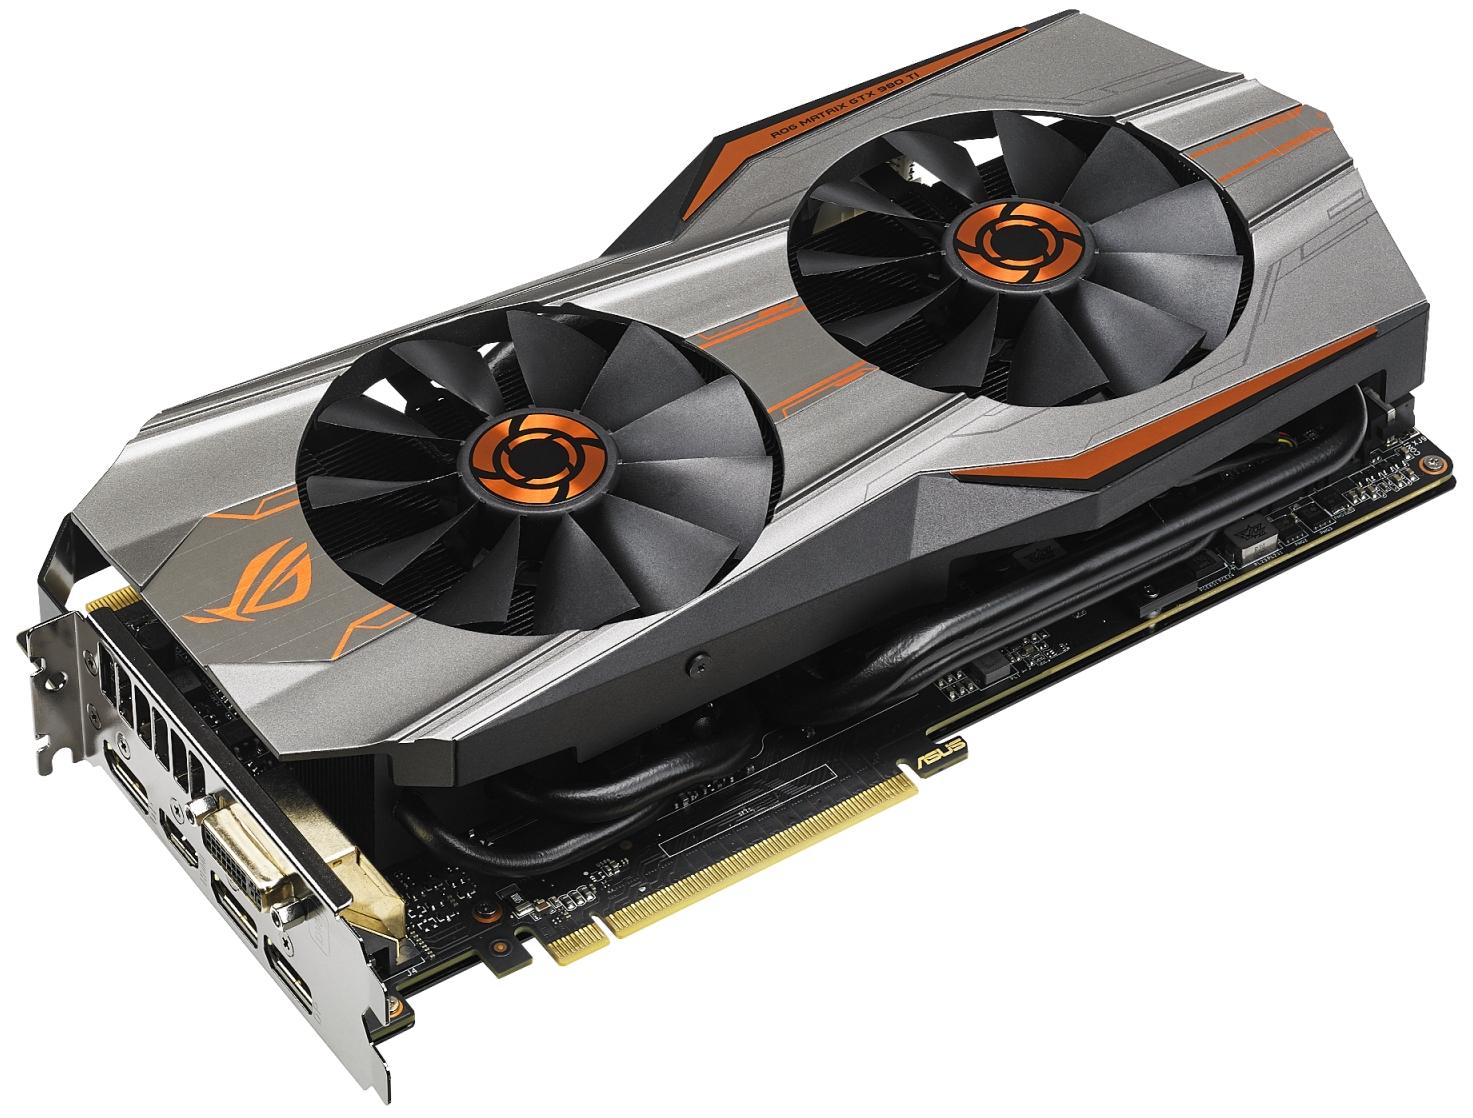 Видеокарта ASUS ROG Matrix GTX 980 Ti на 18,7% быстрее эталонных аналогов. Новости. GECID.com